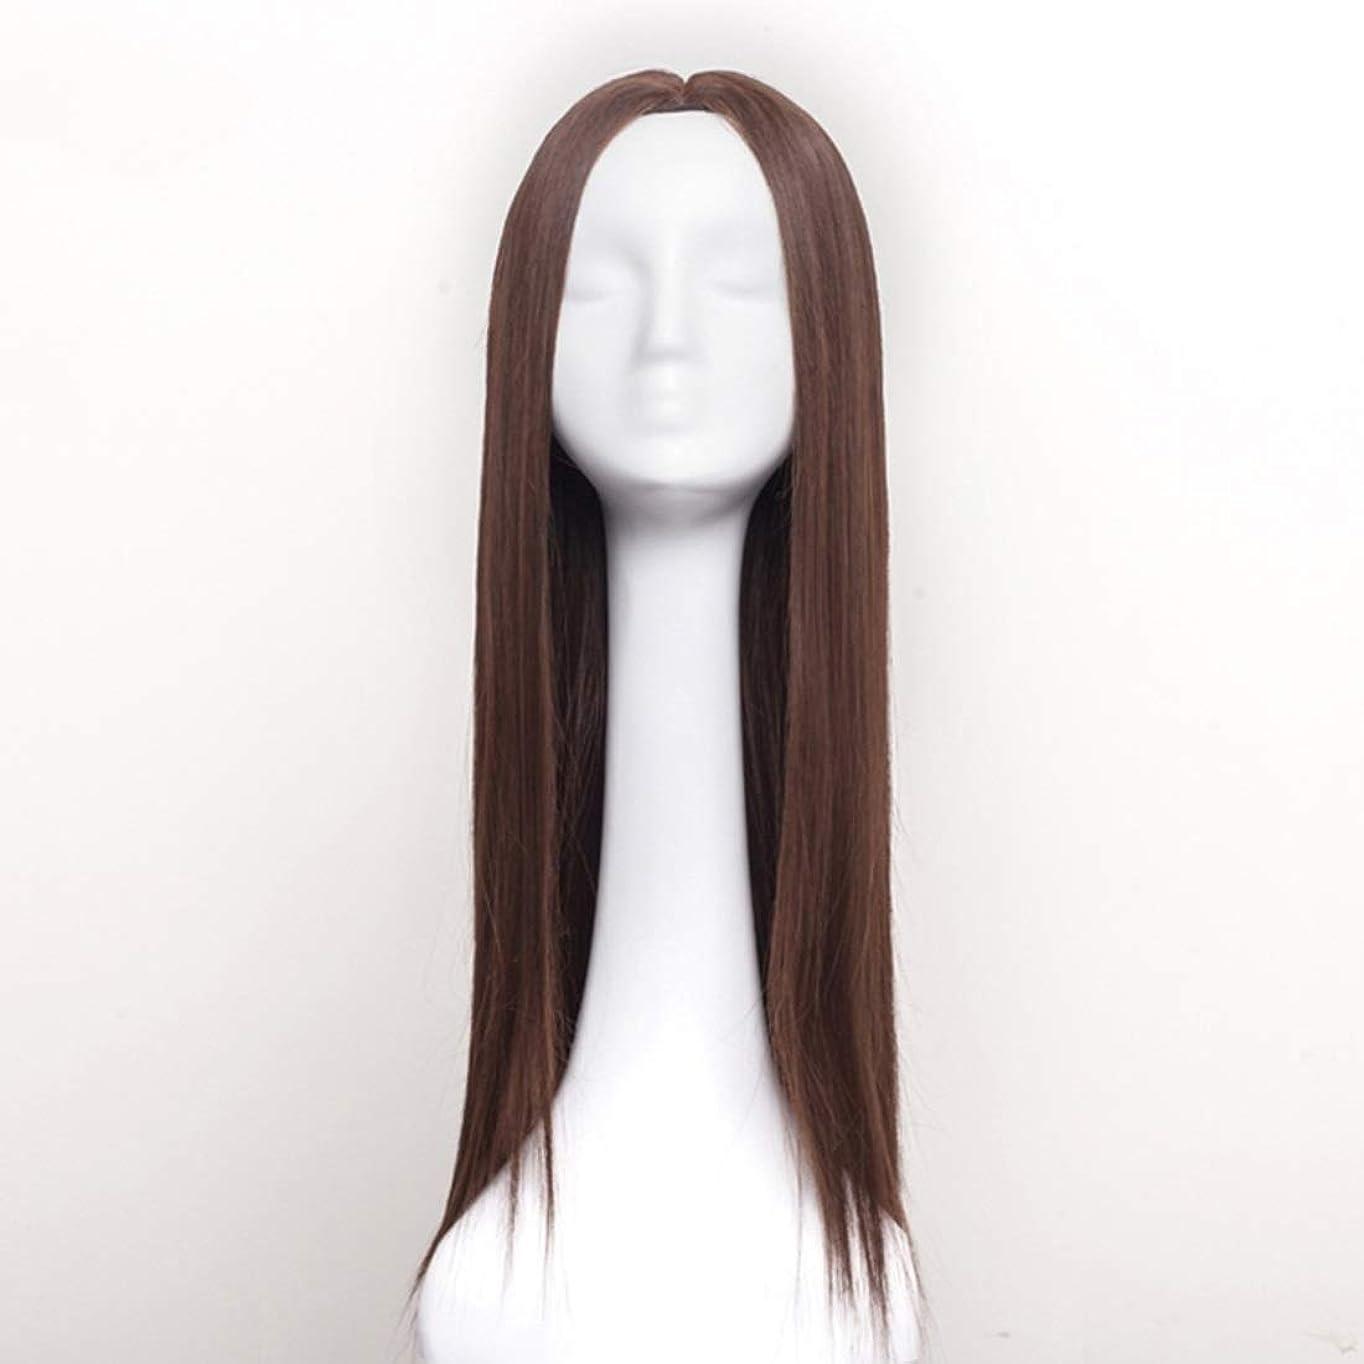 愛情司教背の高いSummerys レディースウィッグロングストレートヘアウィッグ合成耐熱女性ヘアスタイルカスタムコスプレパーティーウィッグ